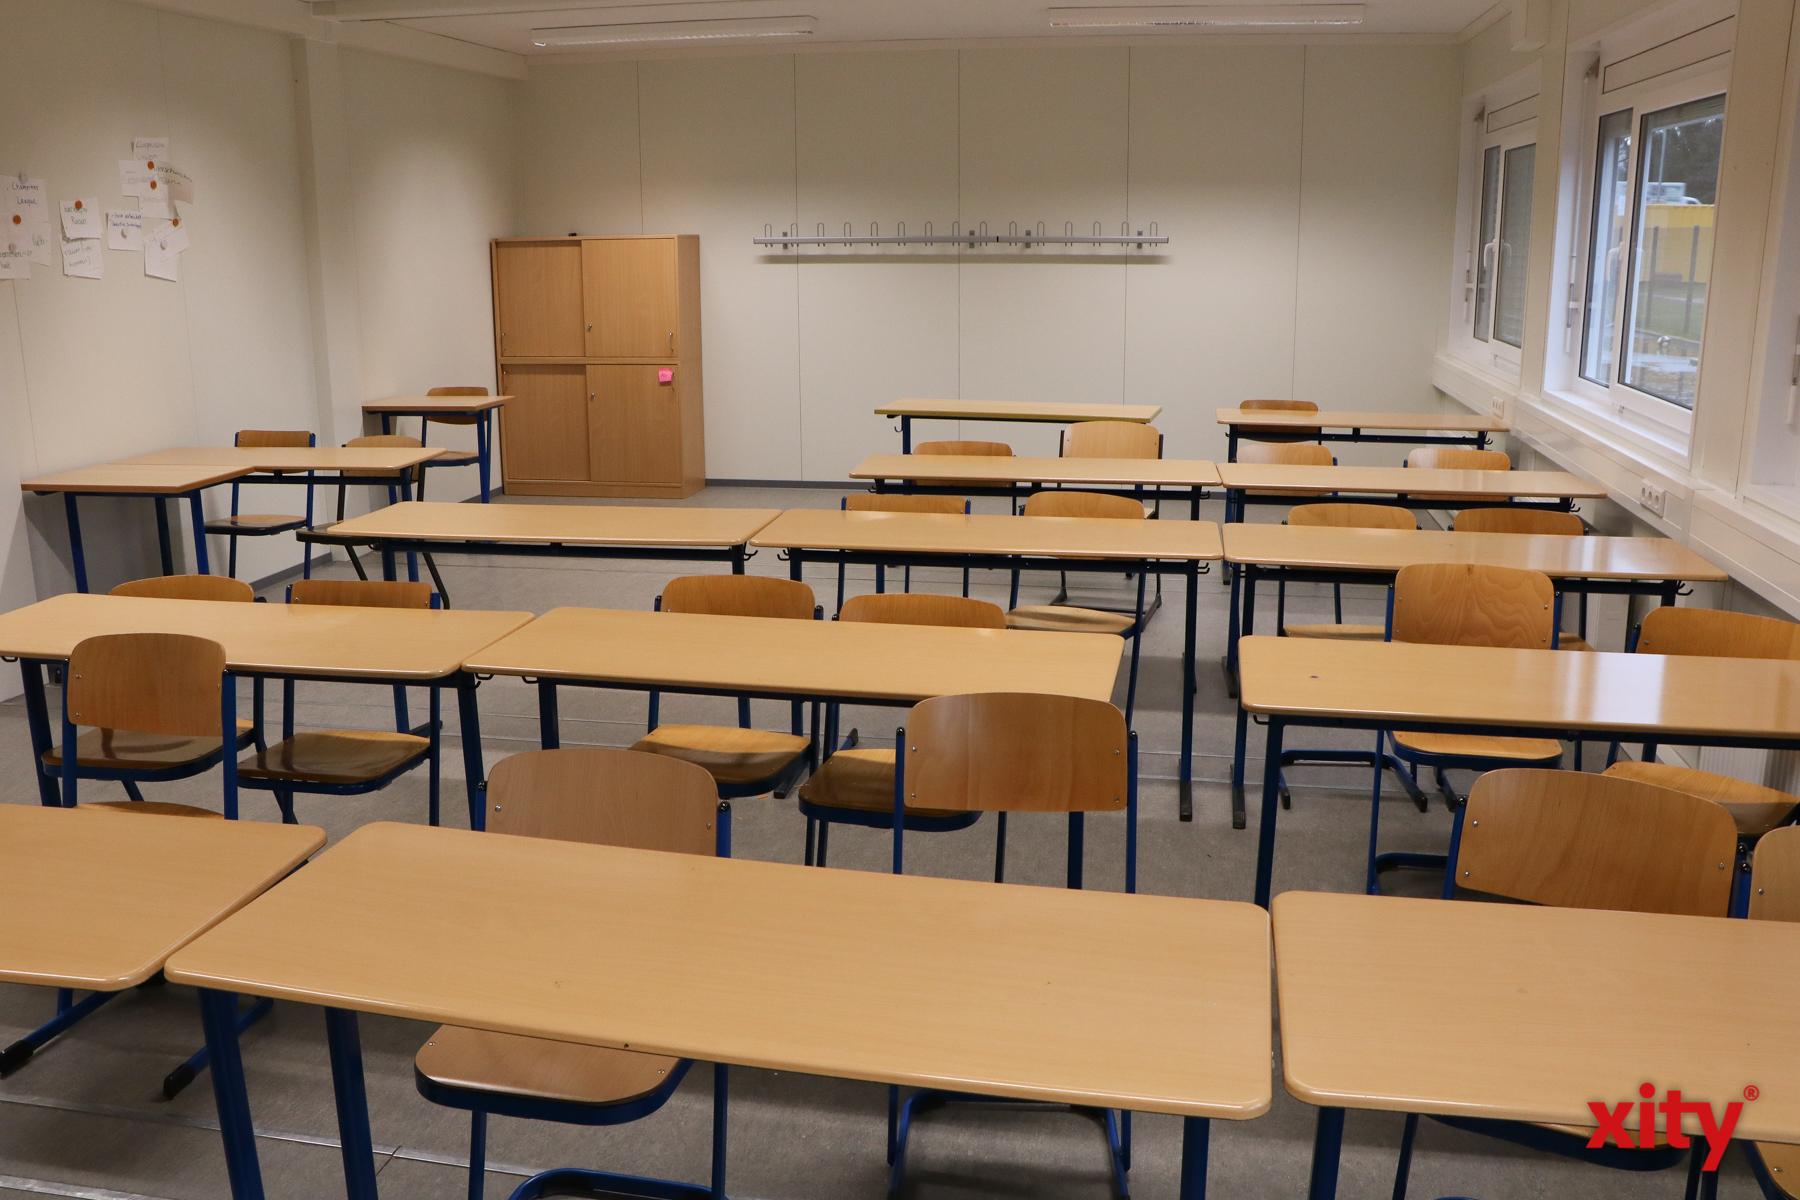 Die Klassenräume im Containerareal lassen nicht erkennen, dass es sich um Container handelt (Foto: xity)